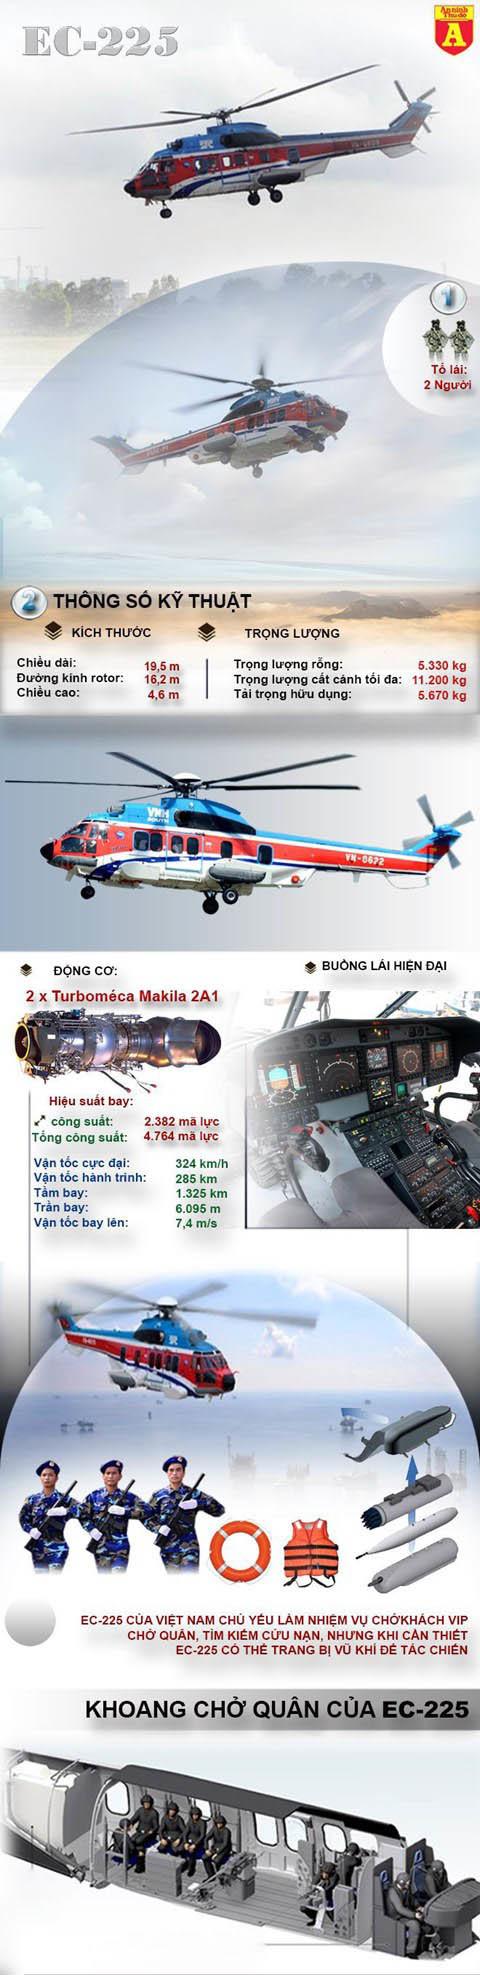 không quân, trực thăng vận tải, trực thăng, EC225